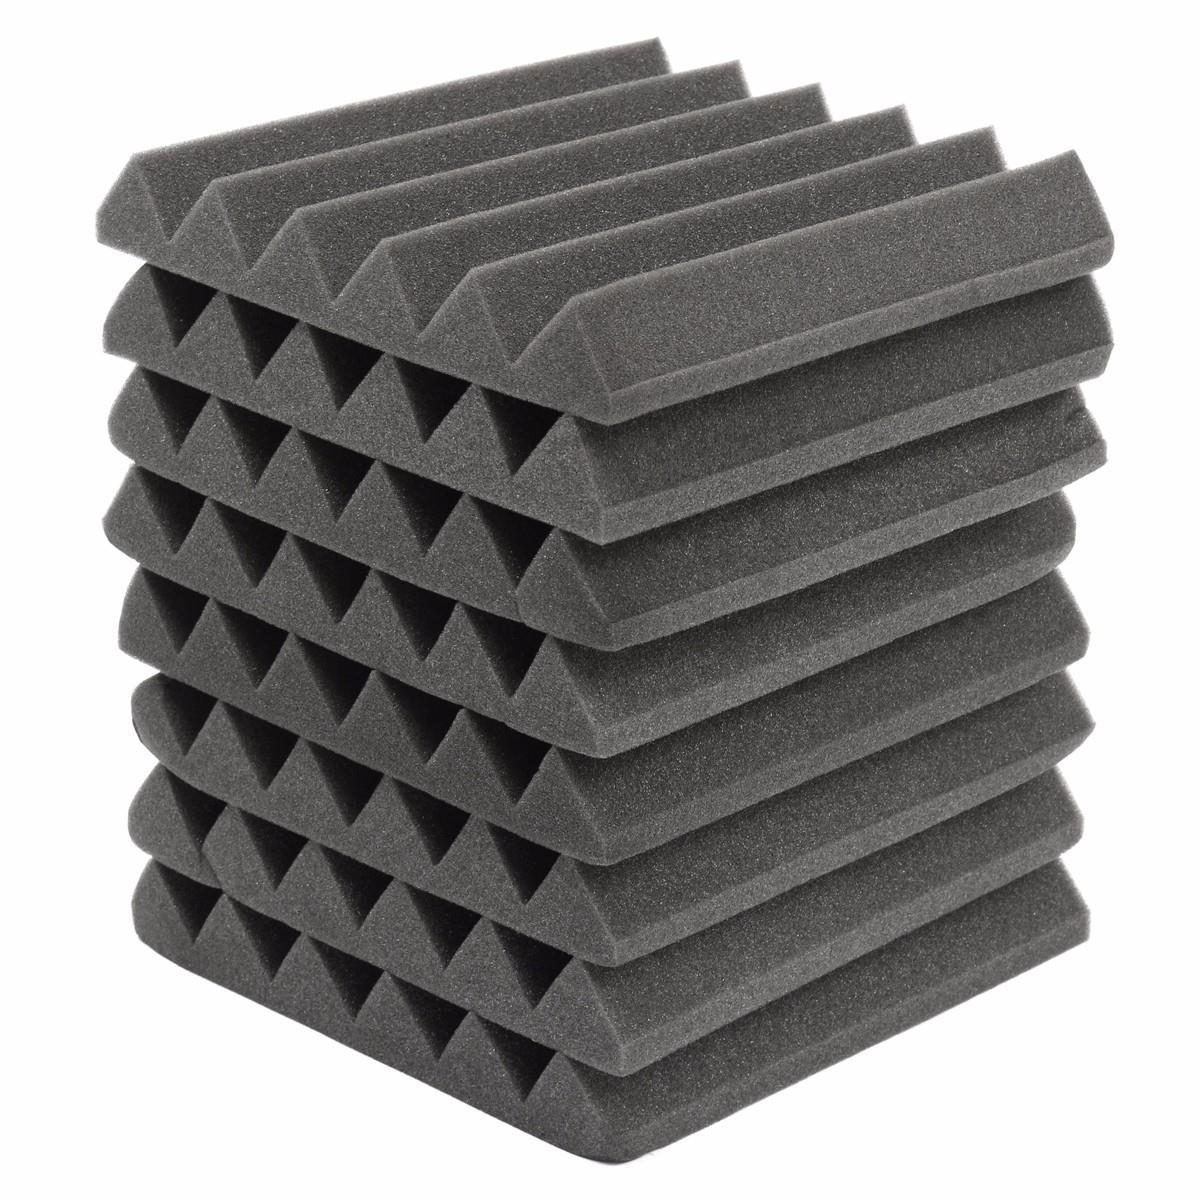 8 pièces 305x305x45mm mousse d'insonorisation mousse acoustique traitement du son Studio chambre Absorption Wedge tuiles mousse de polyuréthane